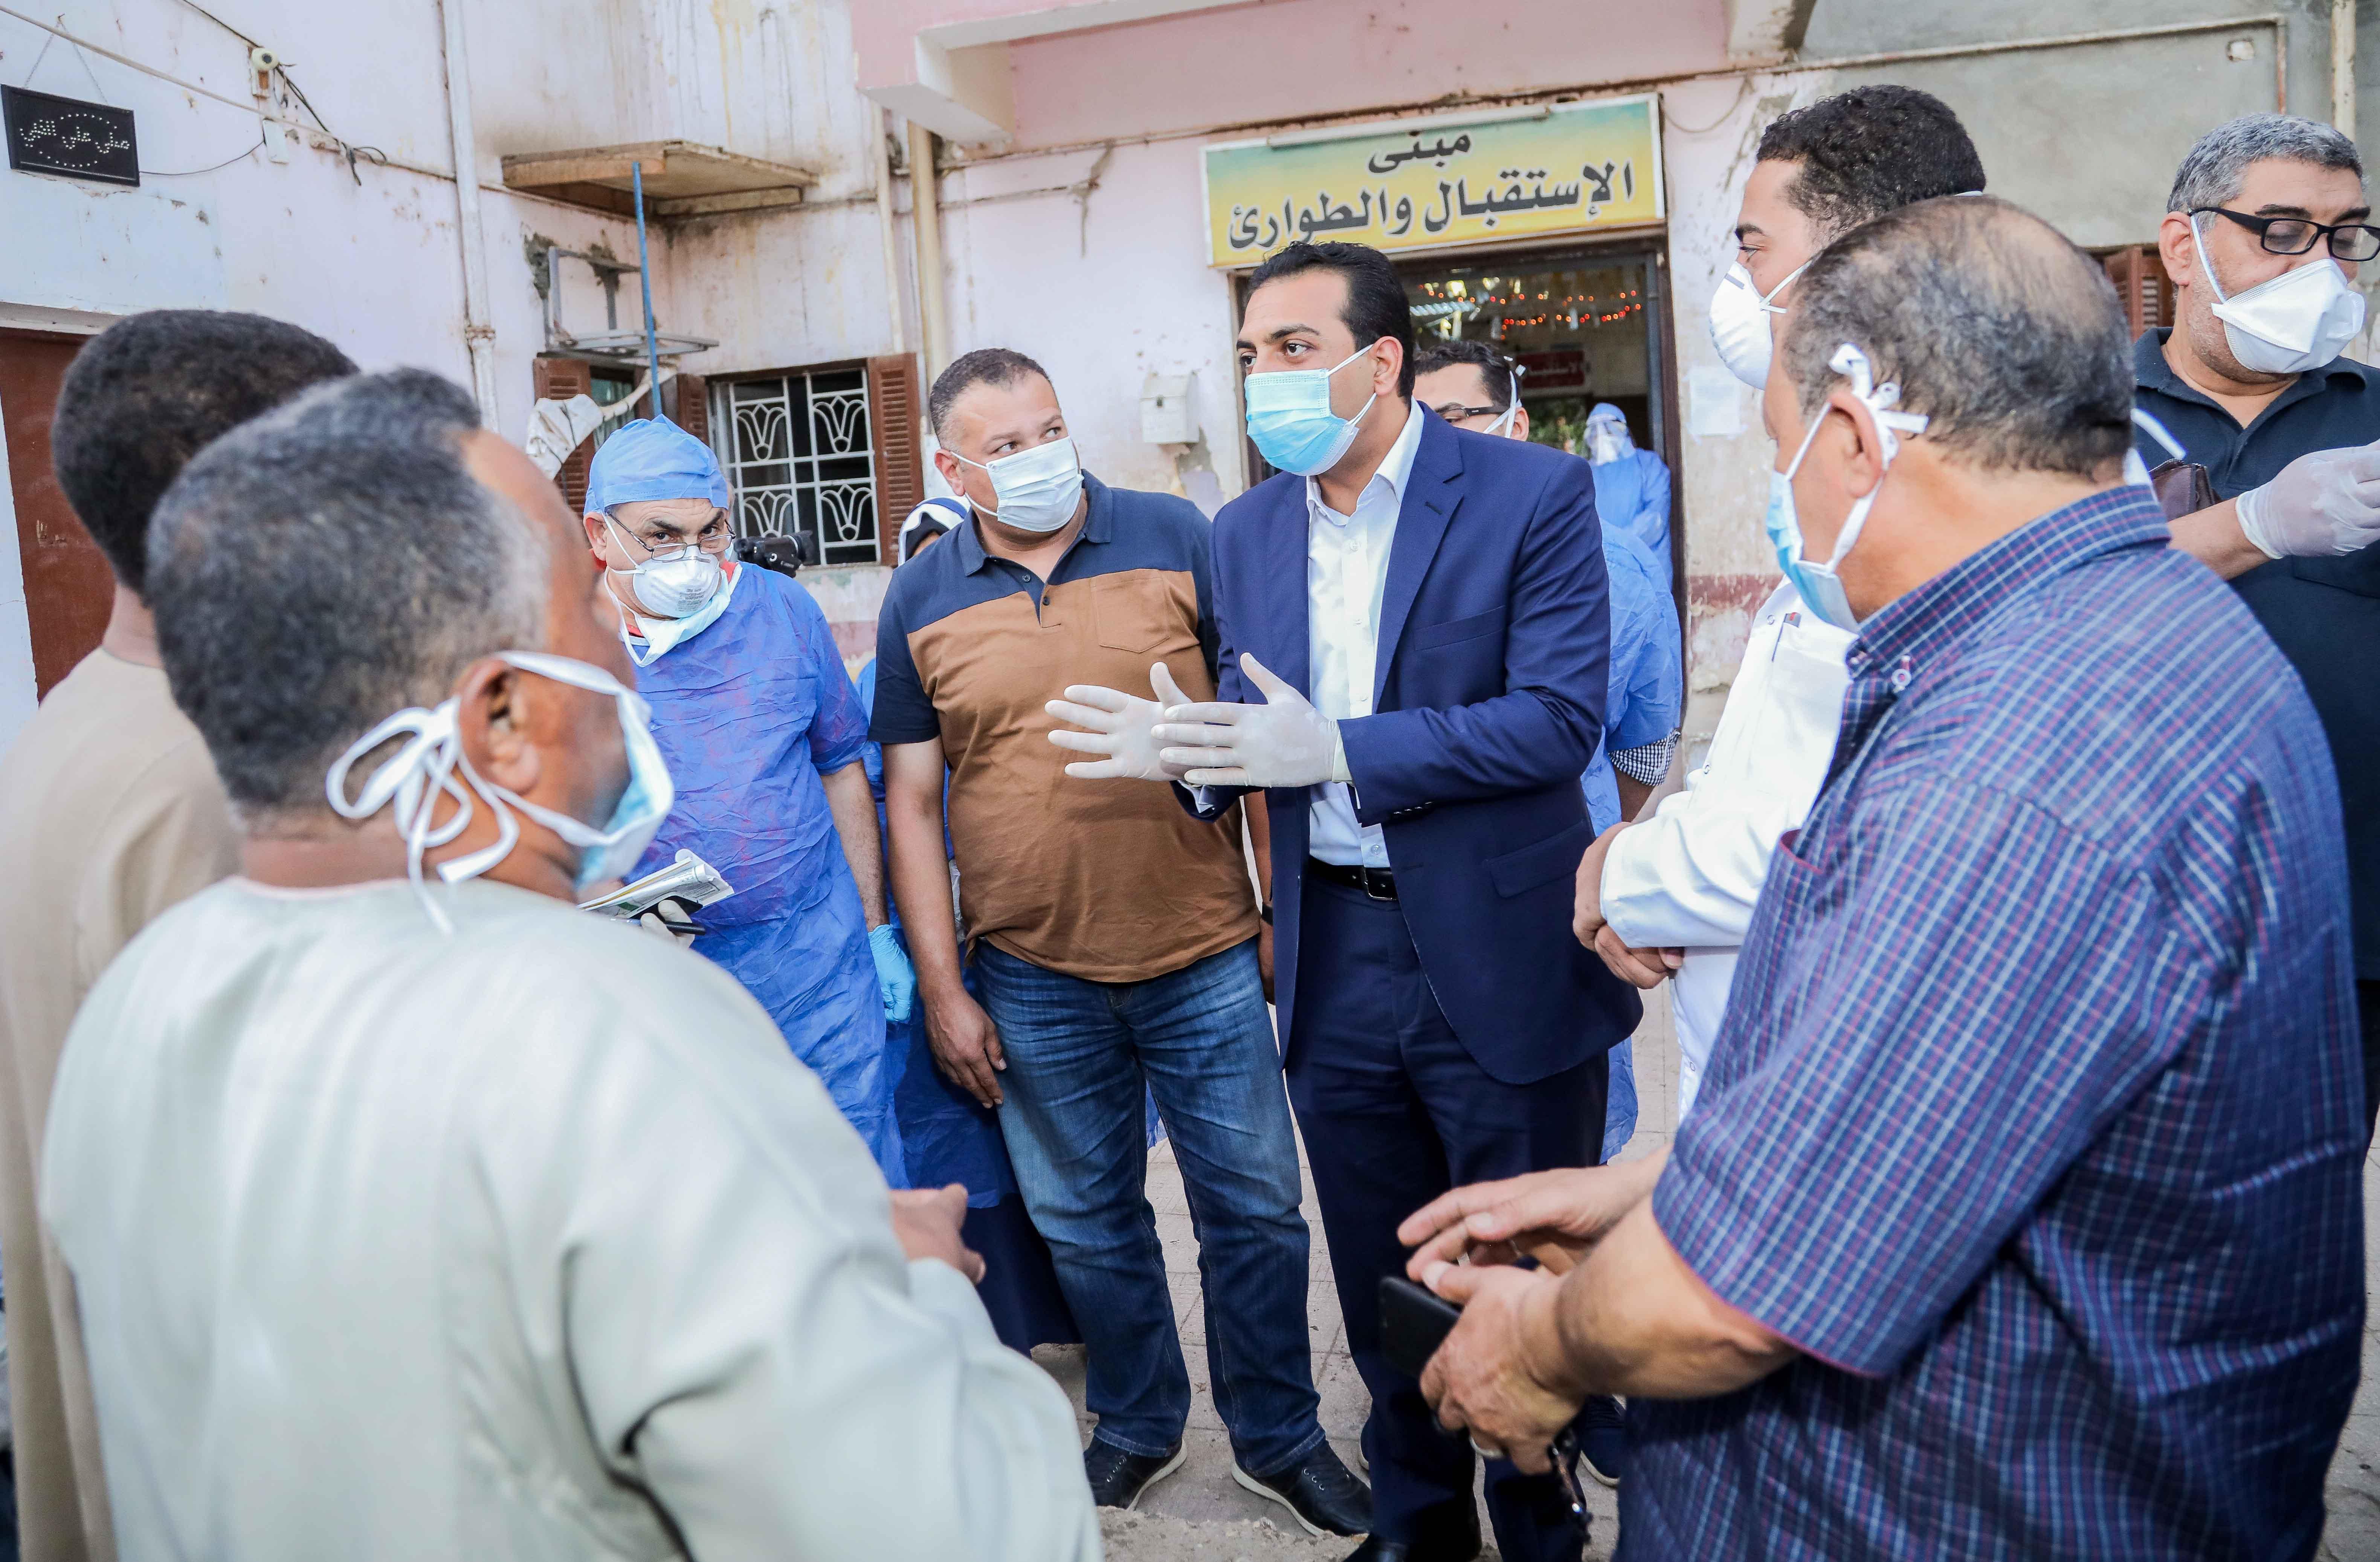 نائب محافظ قنا يزور مستشفيات العزل الصحى (9)